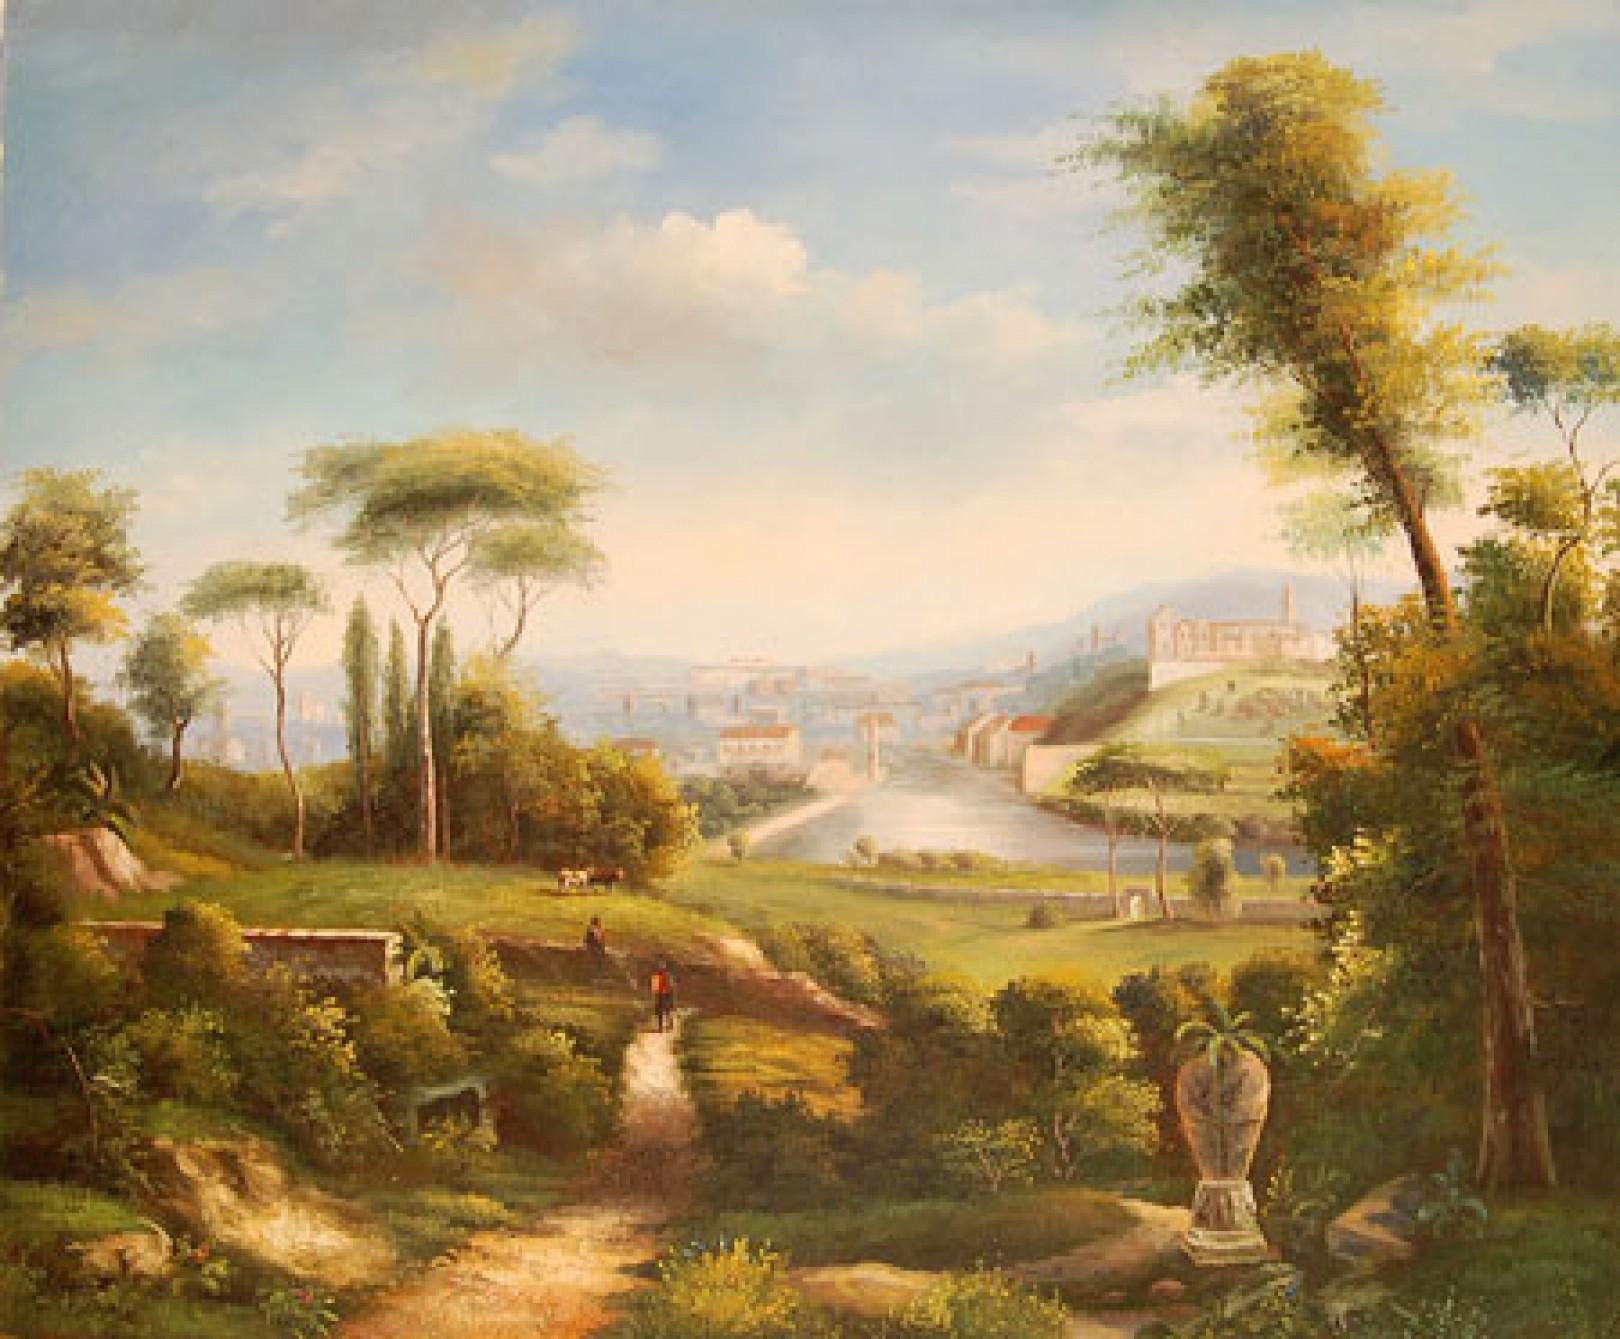 Quadro antico paesaggio 1 di autore sconosciuto paesaggi for Quadri dipinti a mano paesaggi